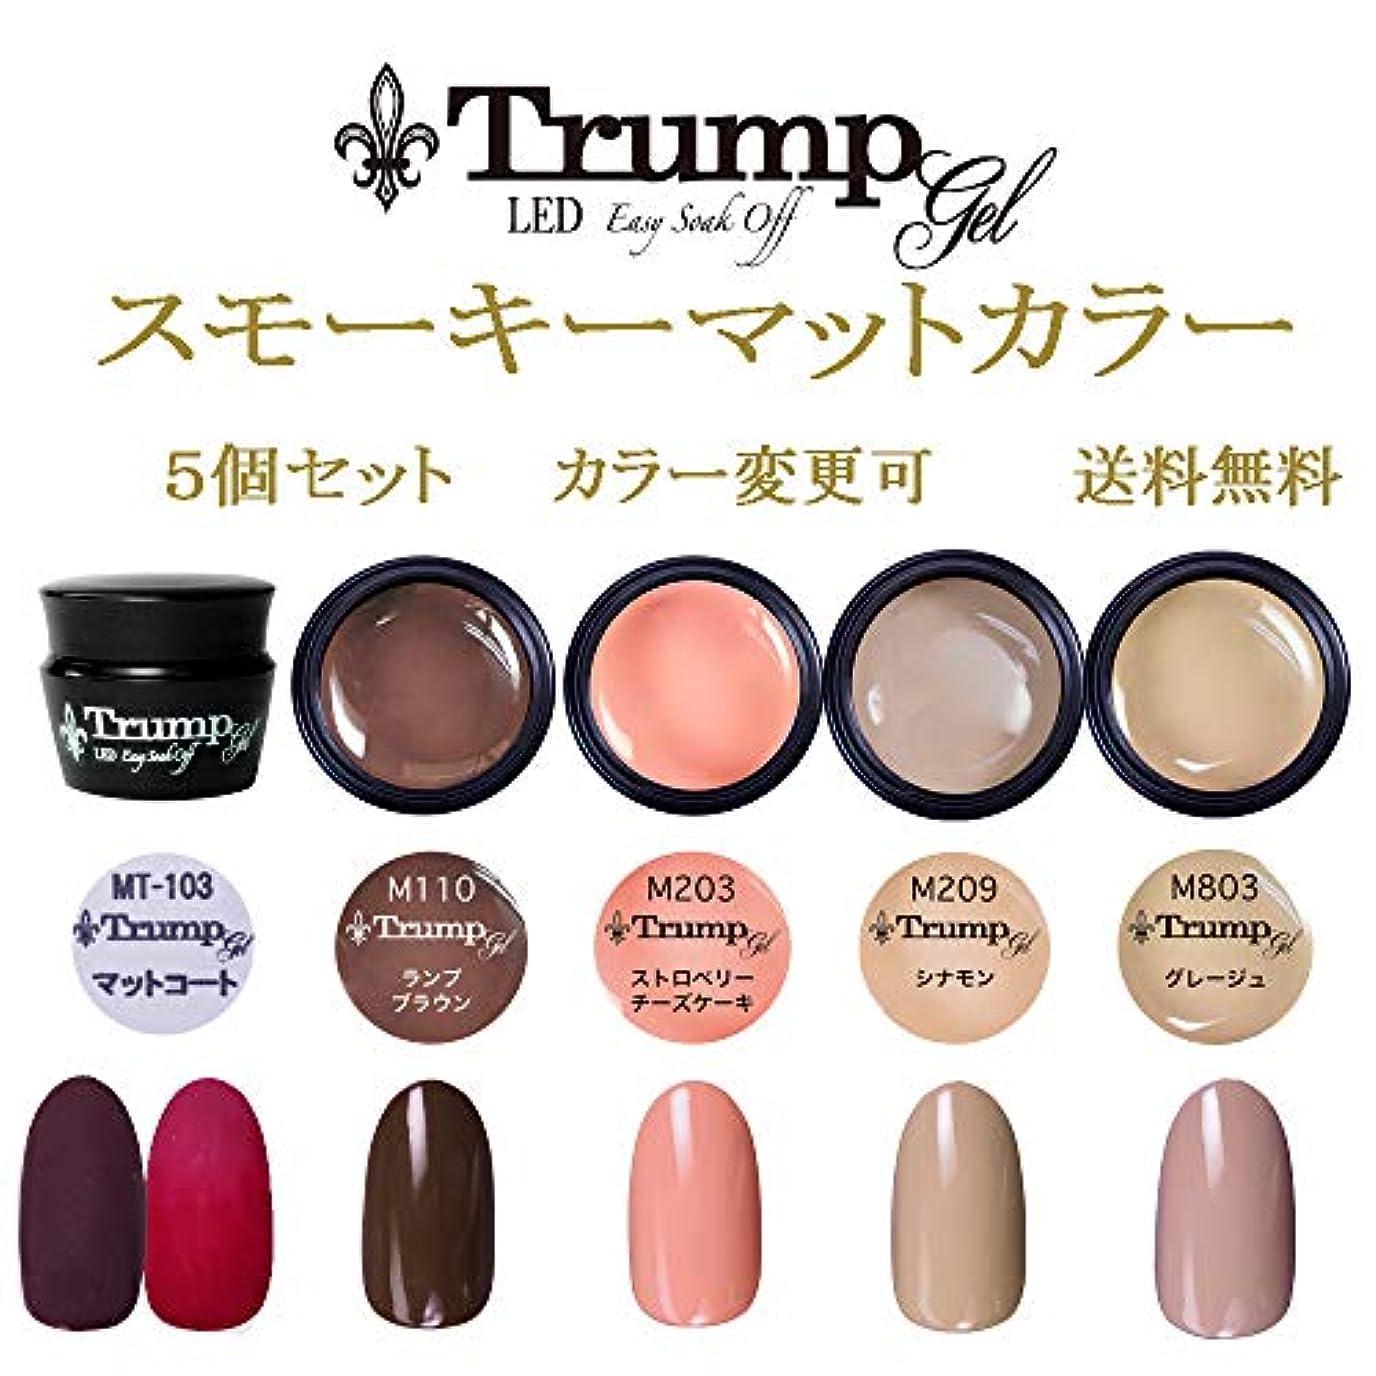 ダーリン専門放課後【送料無料】日本製 Trump gel トランプジェル スモーキーマット カラージェル 5個セット 魅惑のフロストマットトップとマットに合う人気カラーをチョイス